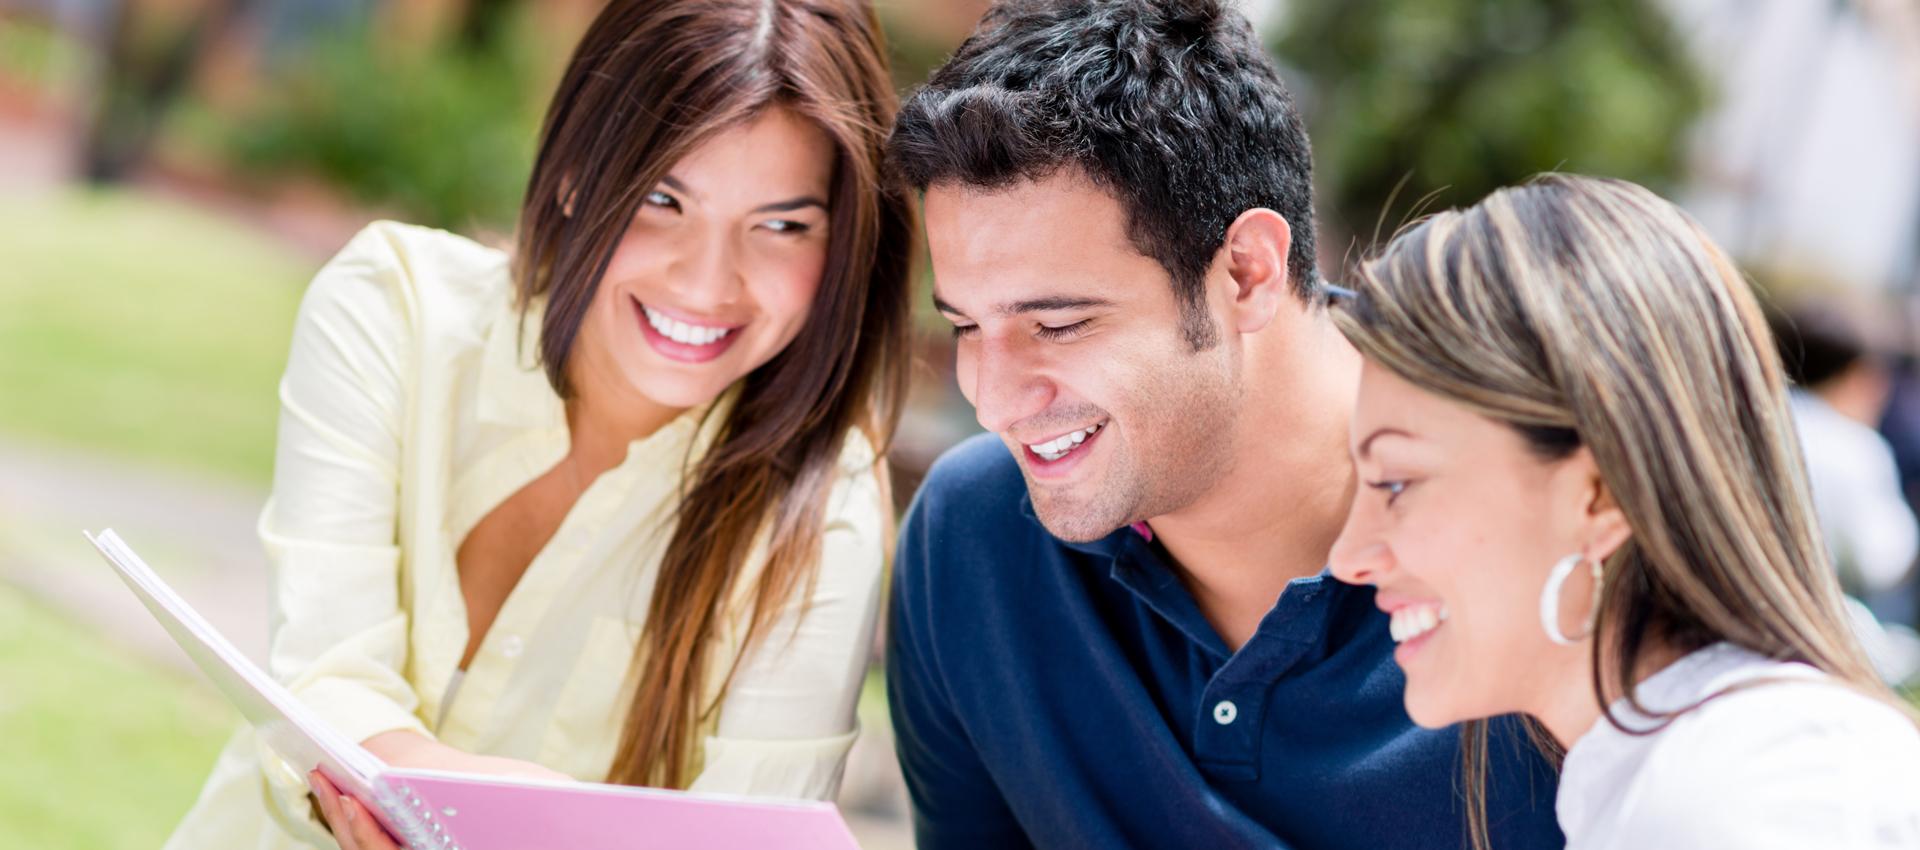 Uk dating site für erwachsene